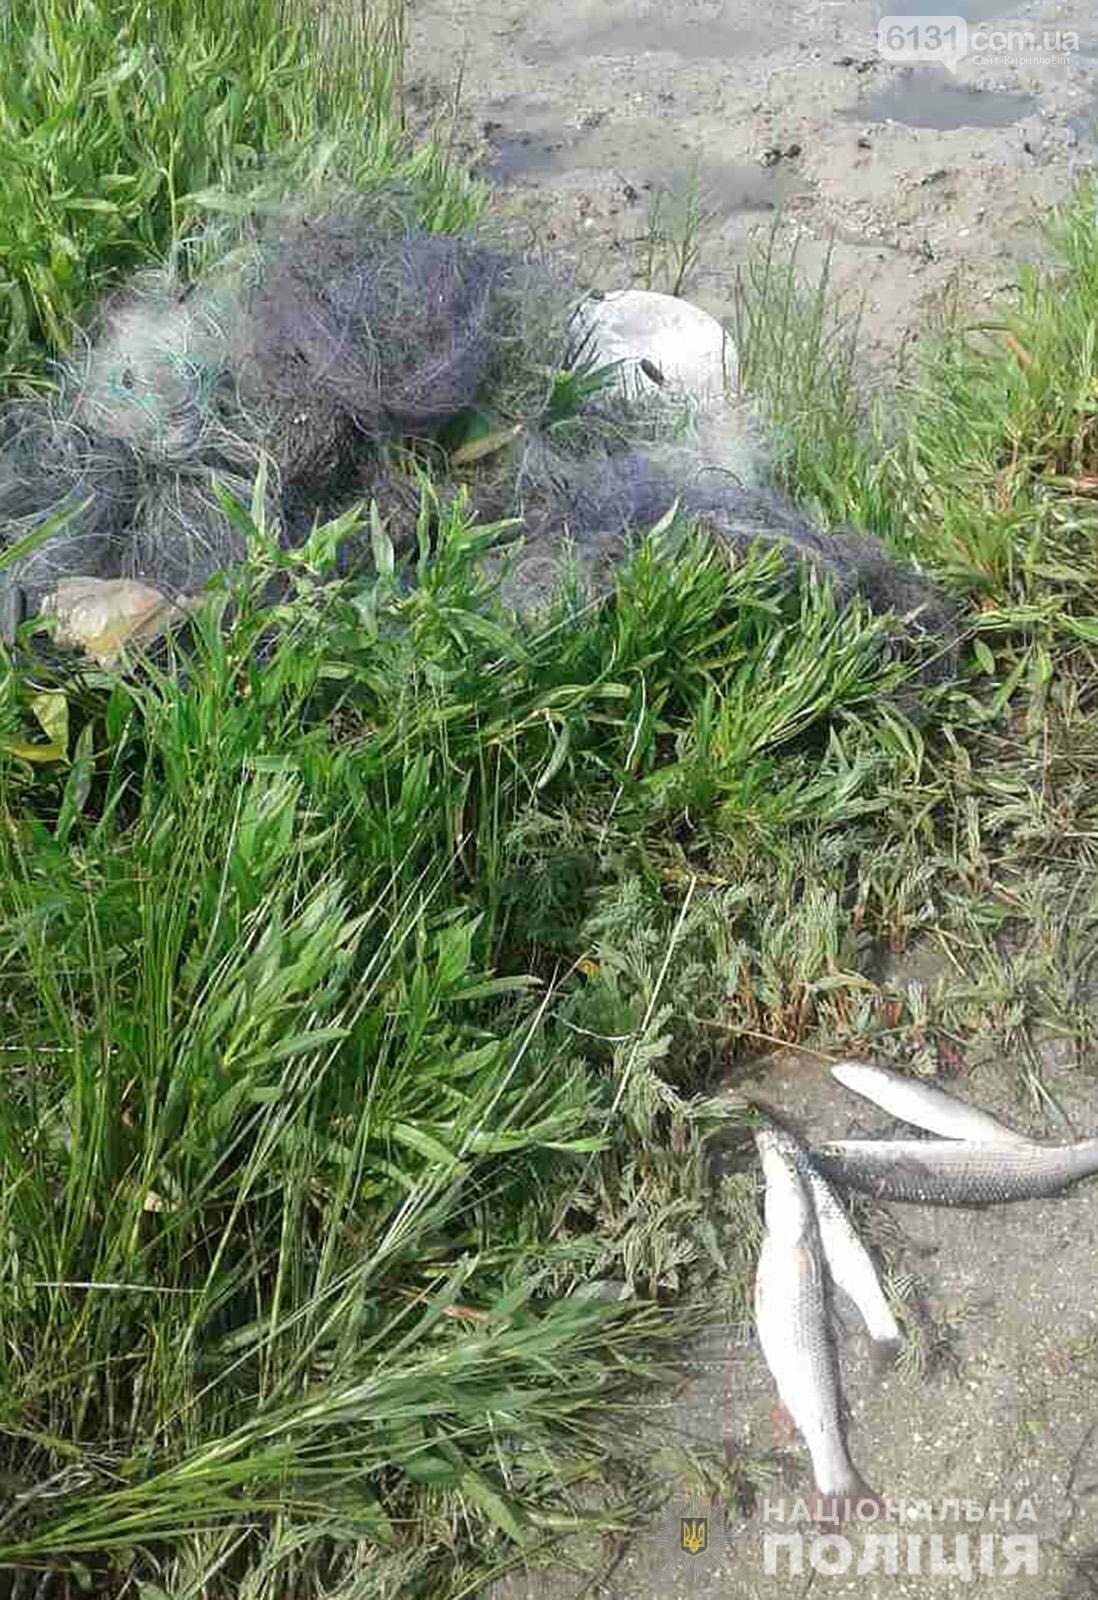 Затриманий в Кирилівці браконьєр знаходився у розшуку за інший злочин, фото-1